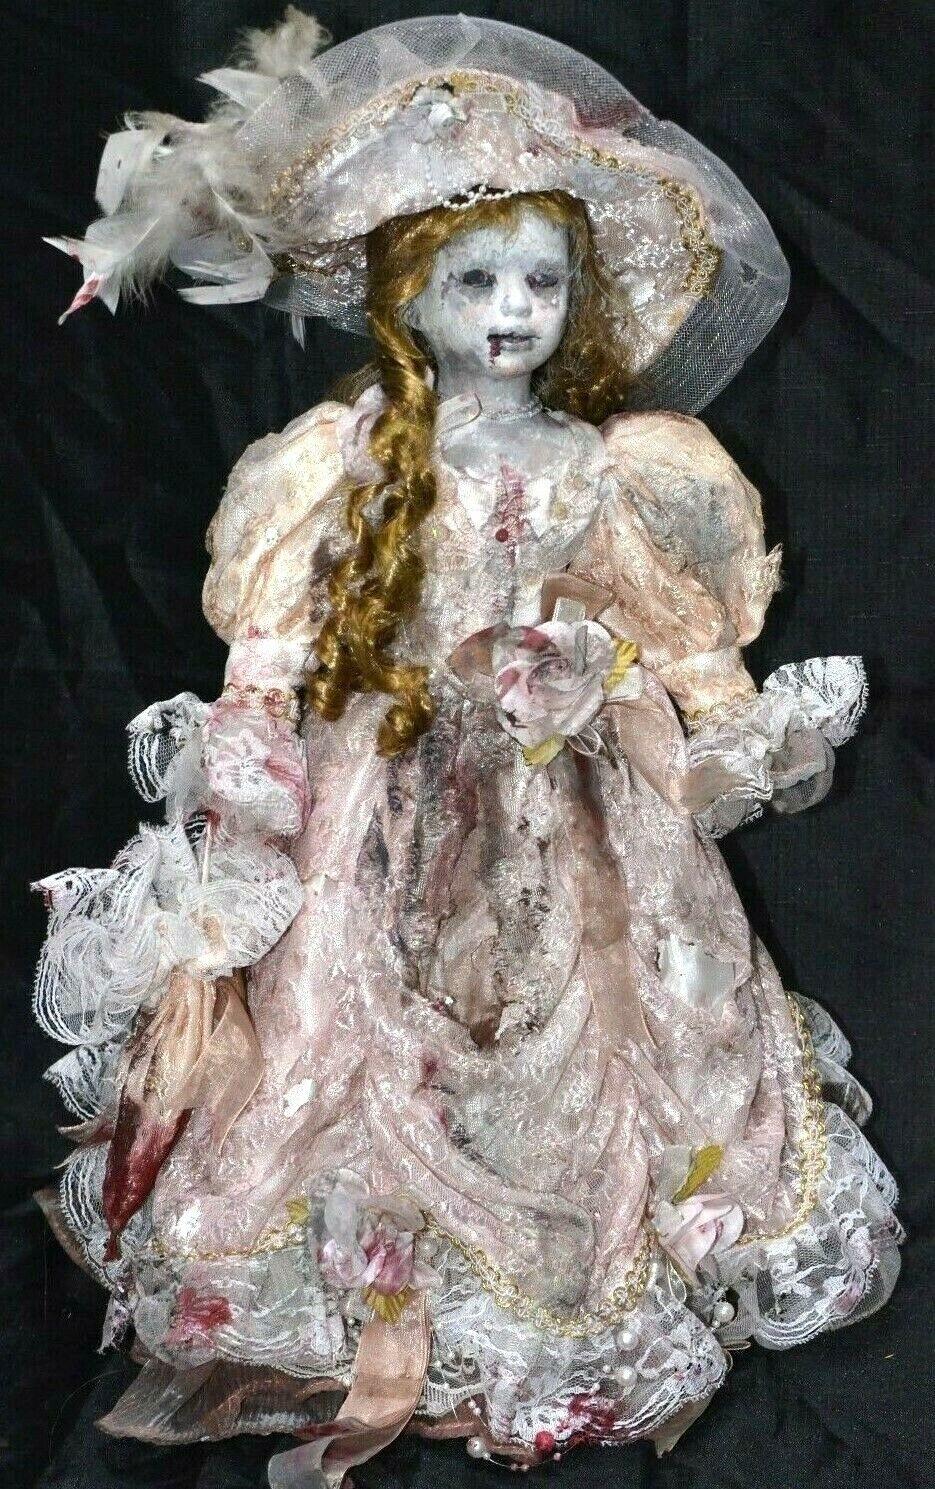 Muñeca De Porcelana espeluznante Horror Zombie Victoriana Mostrar Prop Gótico 19  de un tipo muerto